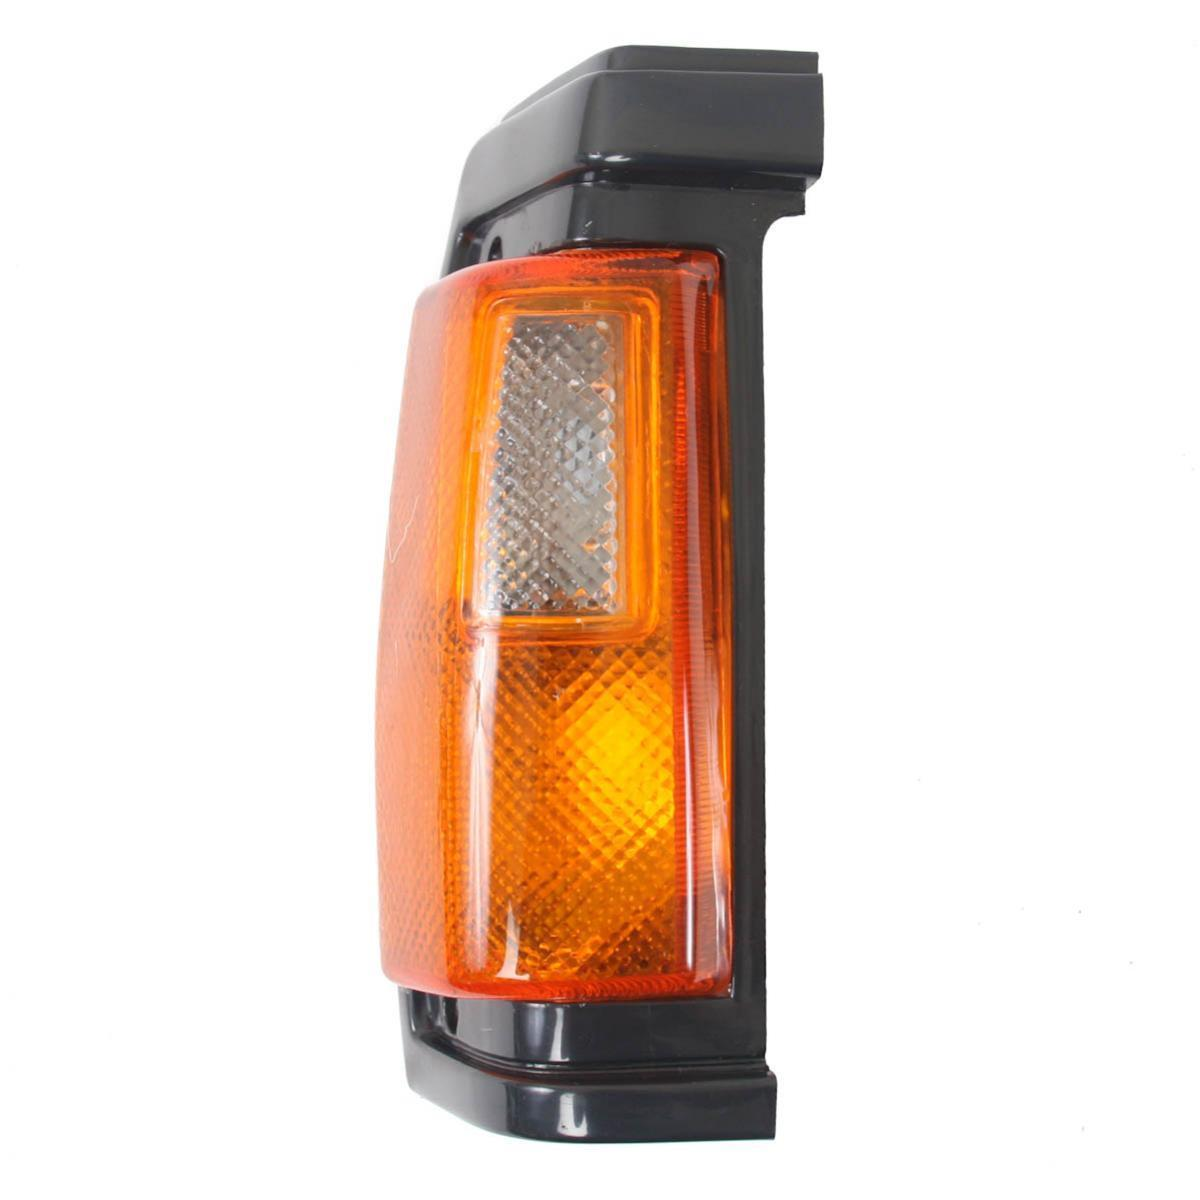 コーナーライト Corner Lights Lamp Black Right Fits Nissan Big-M Navara Pickup 1986-1990 Diamond コーナーライトランプブラック右フィット日産ビッグMナバラピックアップ1986-1990ダイヤモンド